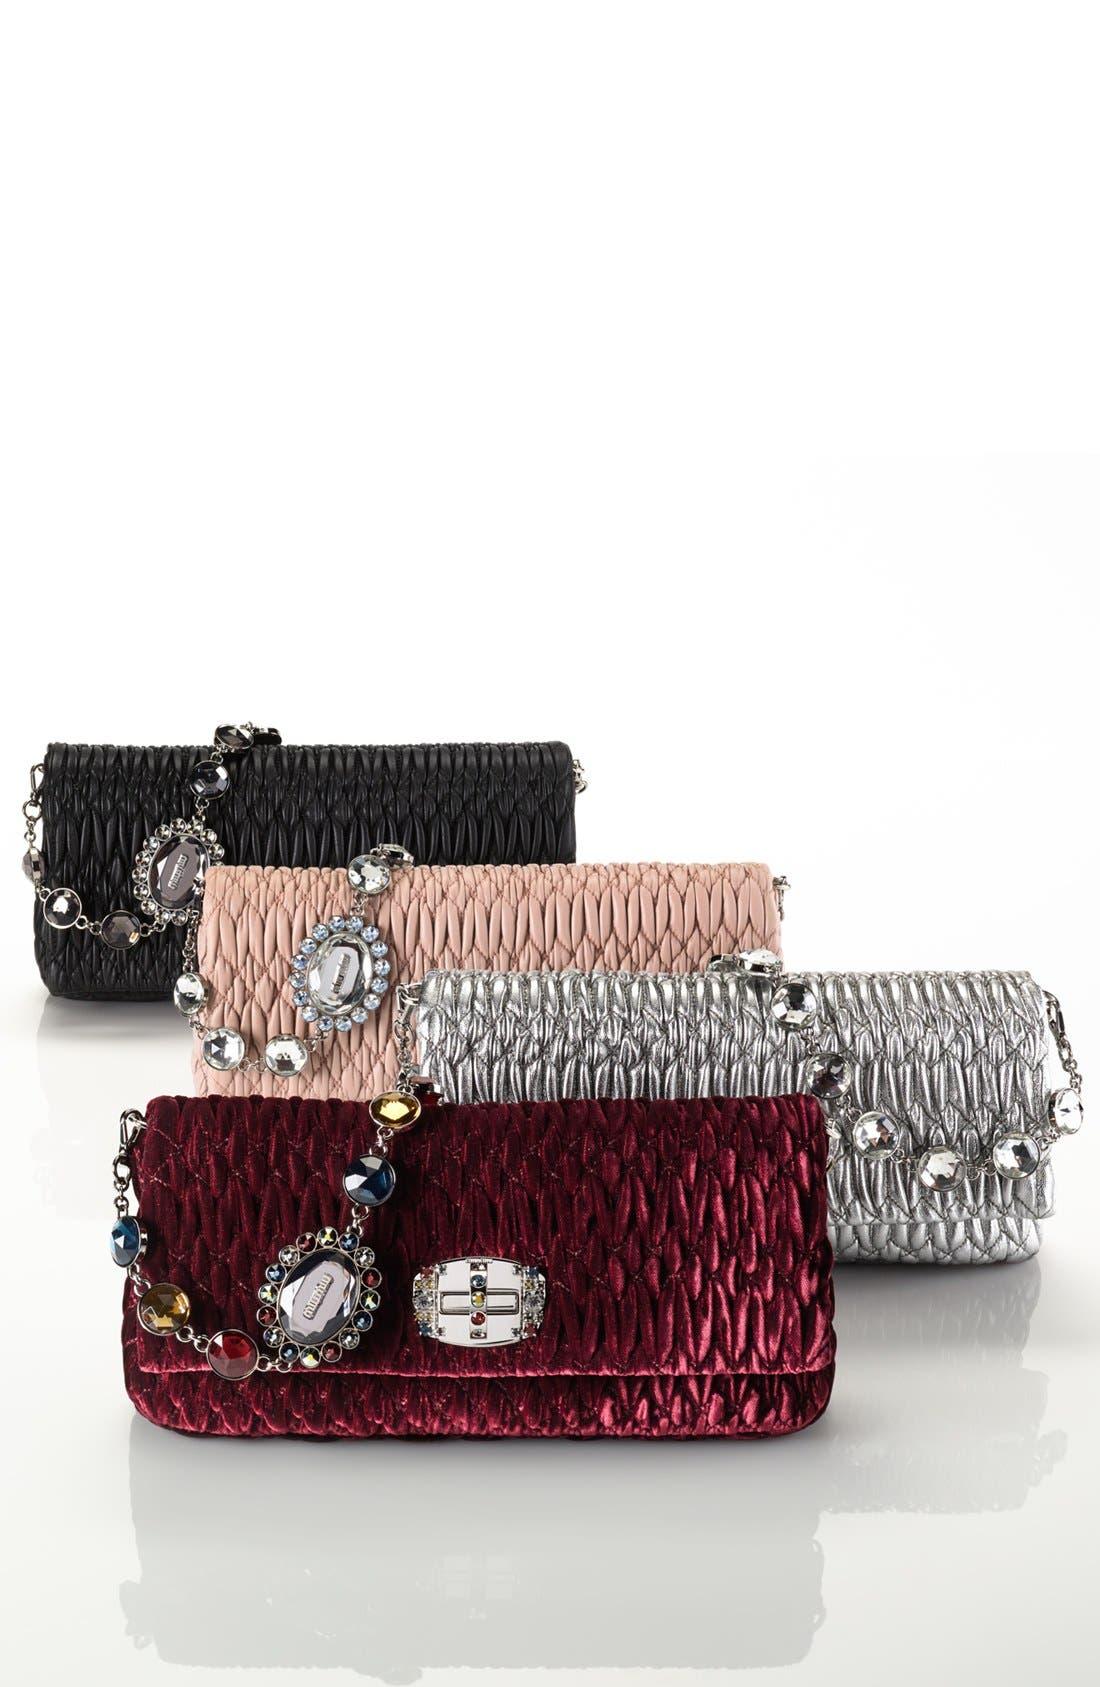 Medium Crystal Embellished Quilted Velvet Shoulder Bag,                             Alternate thumbnail 7, color,